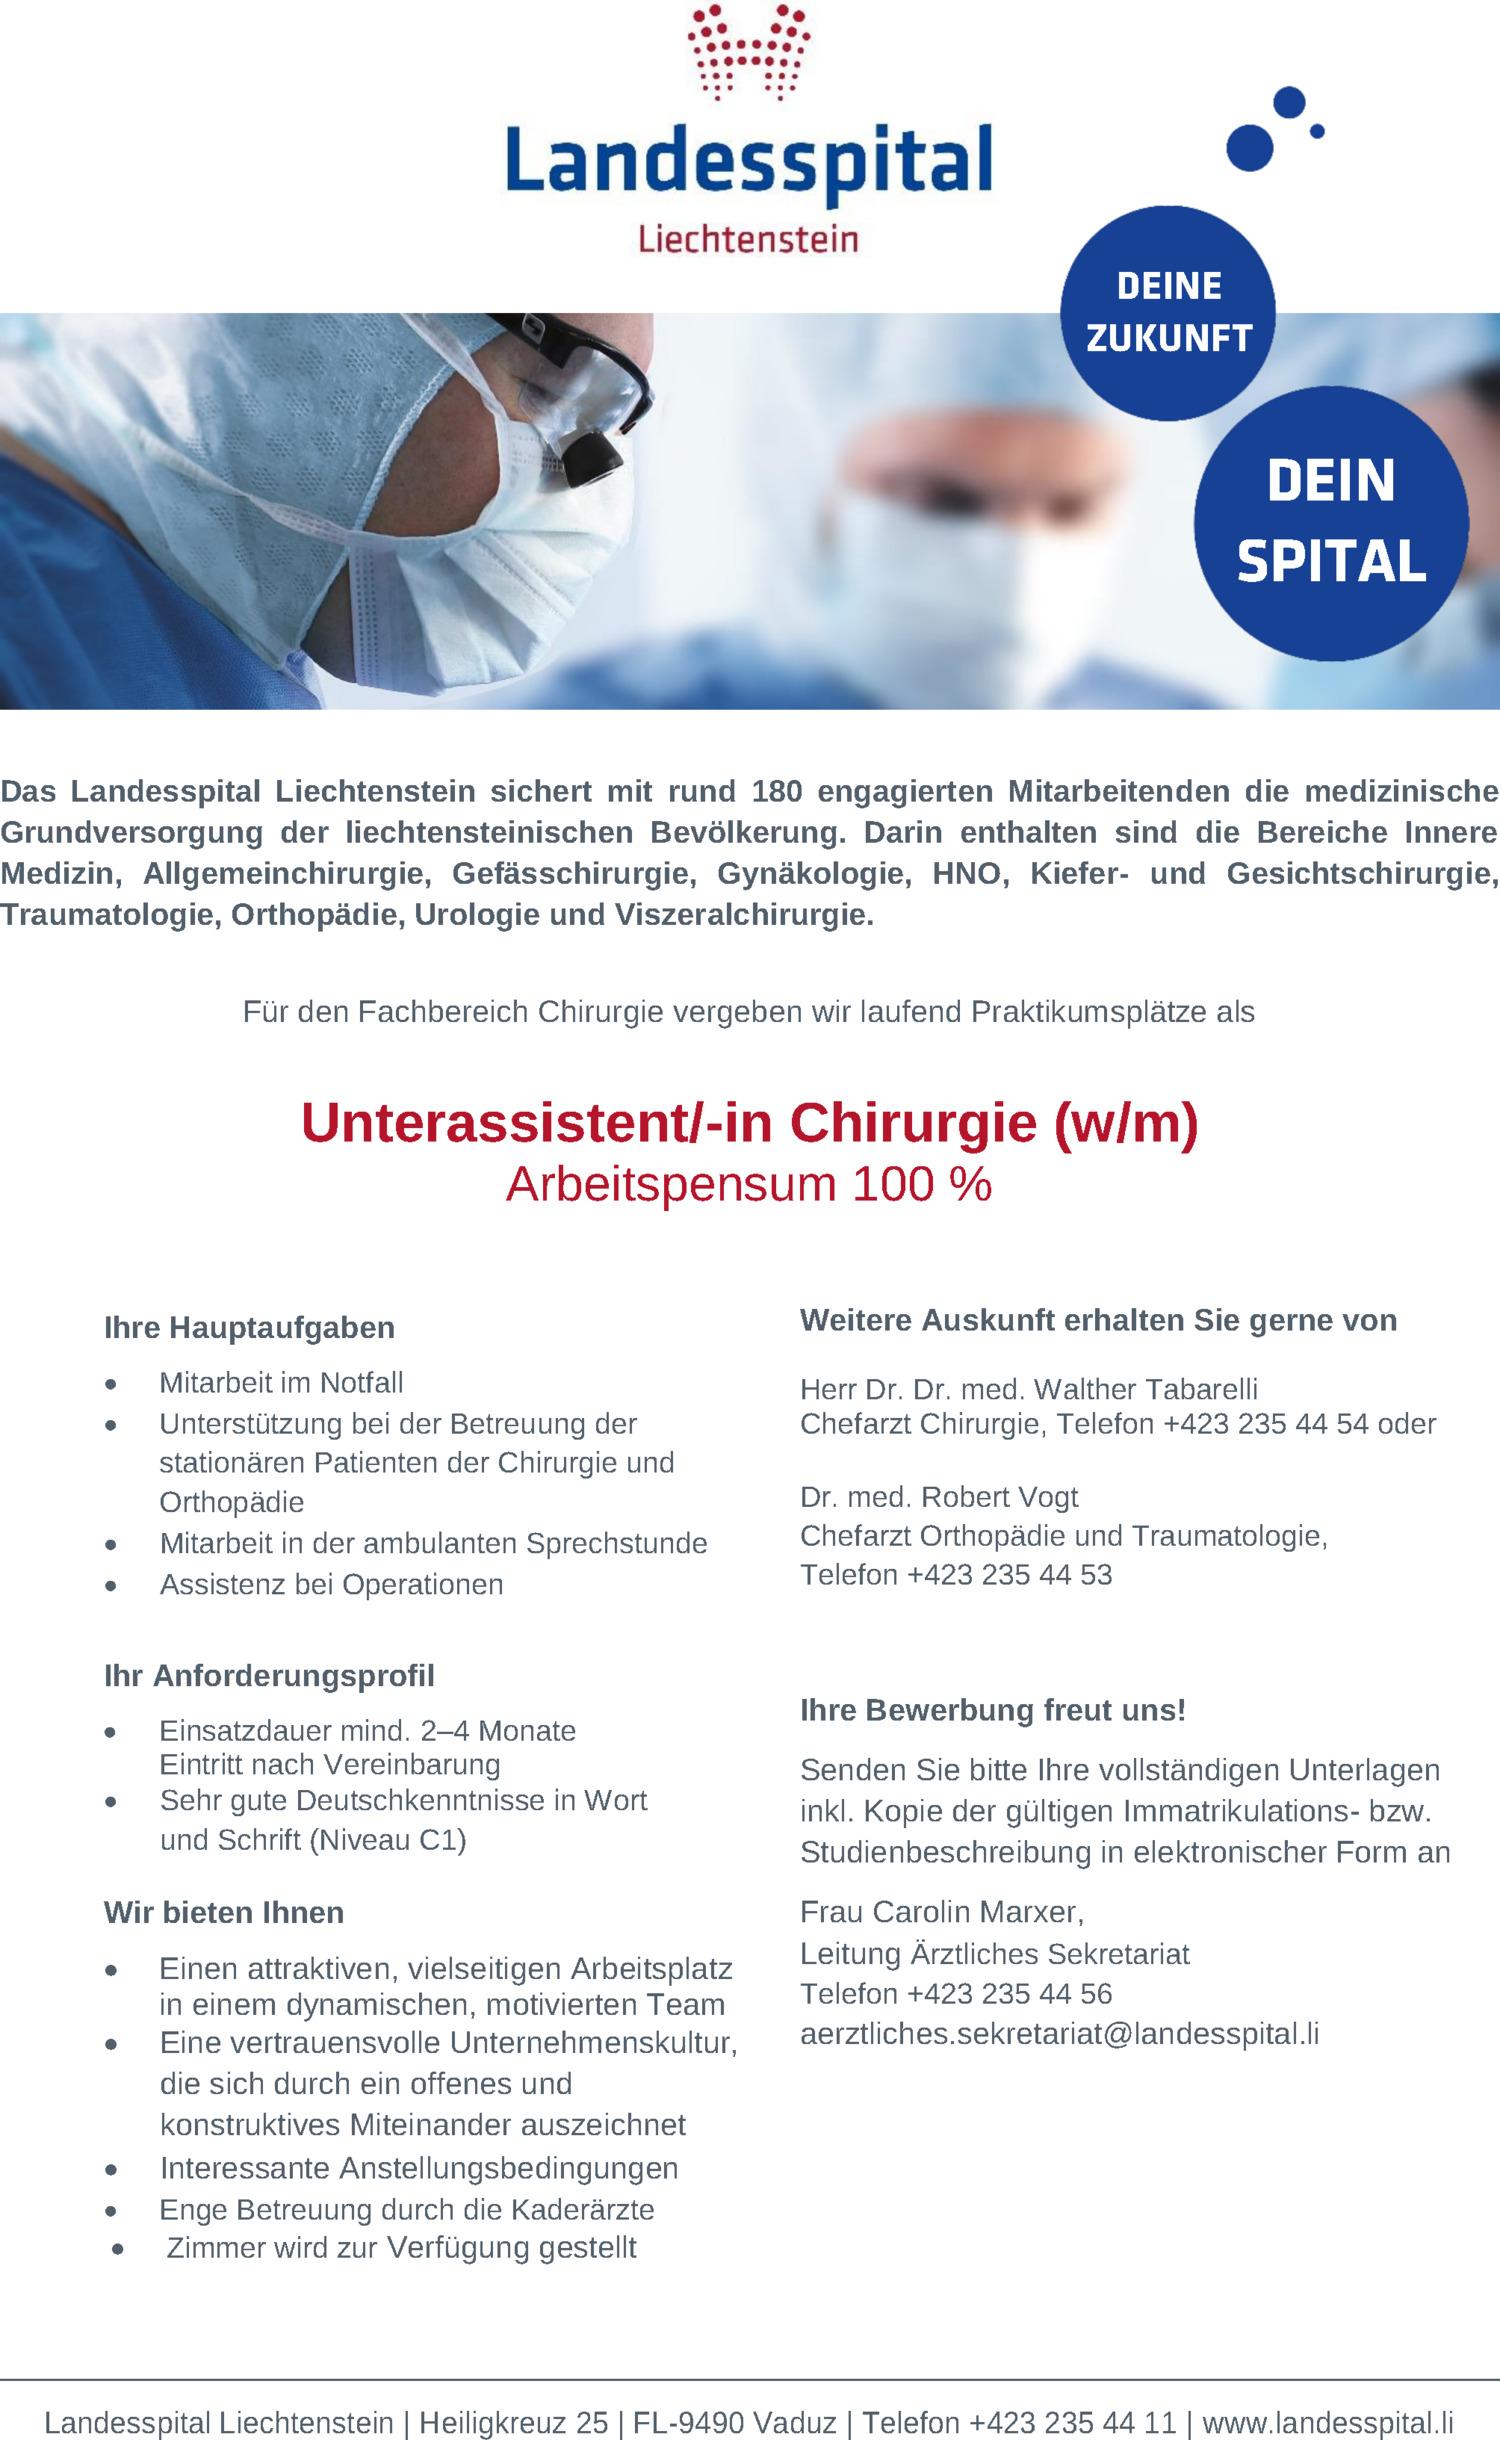 Inserat Unterassistent/-in Chirurgie (w/m)